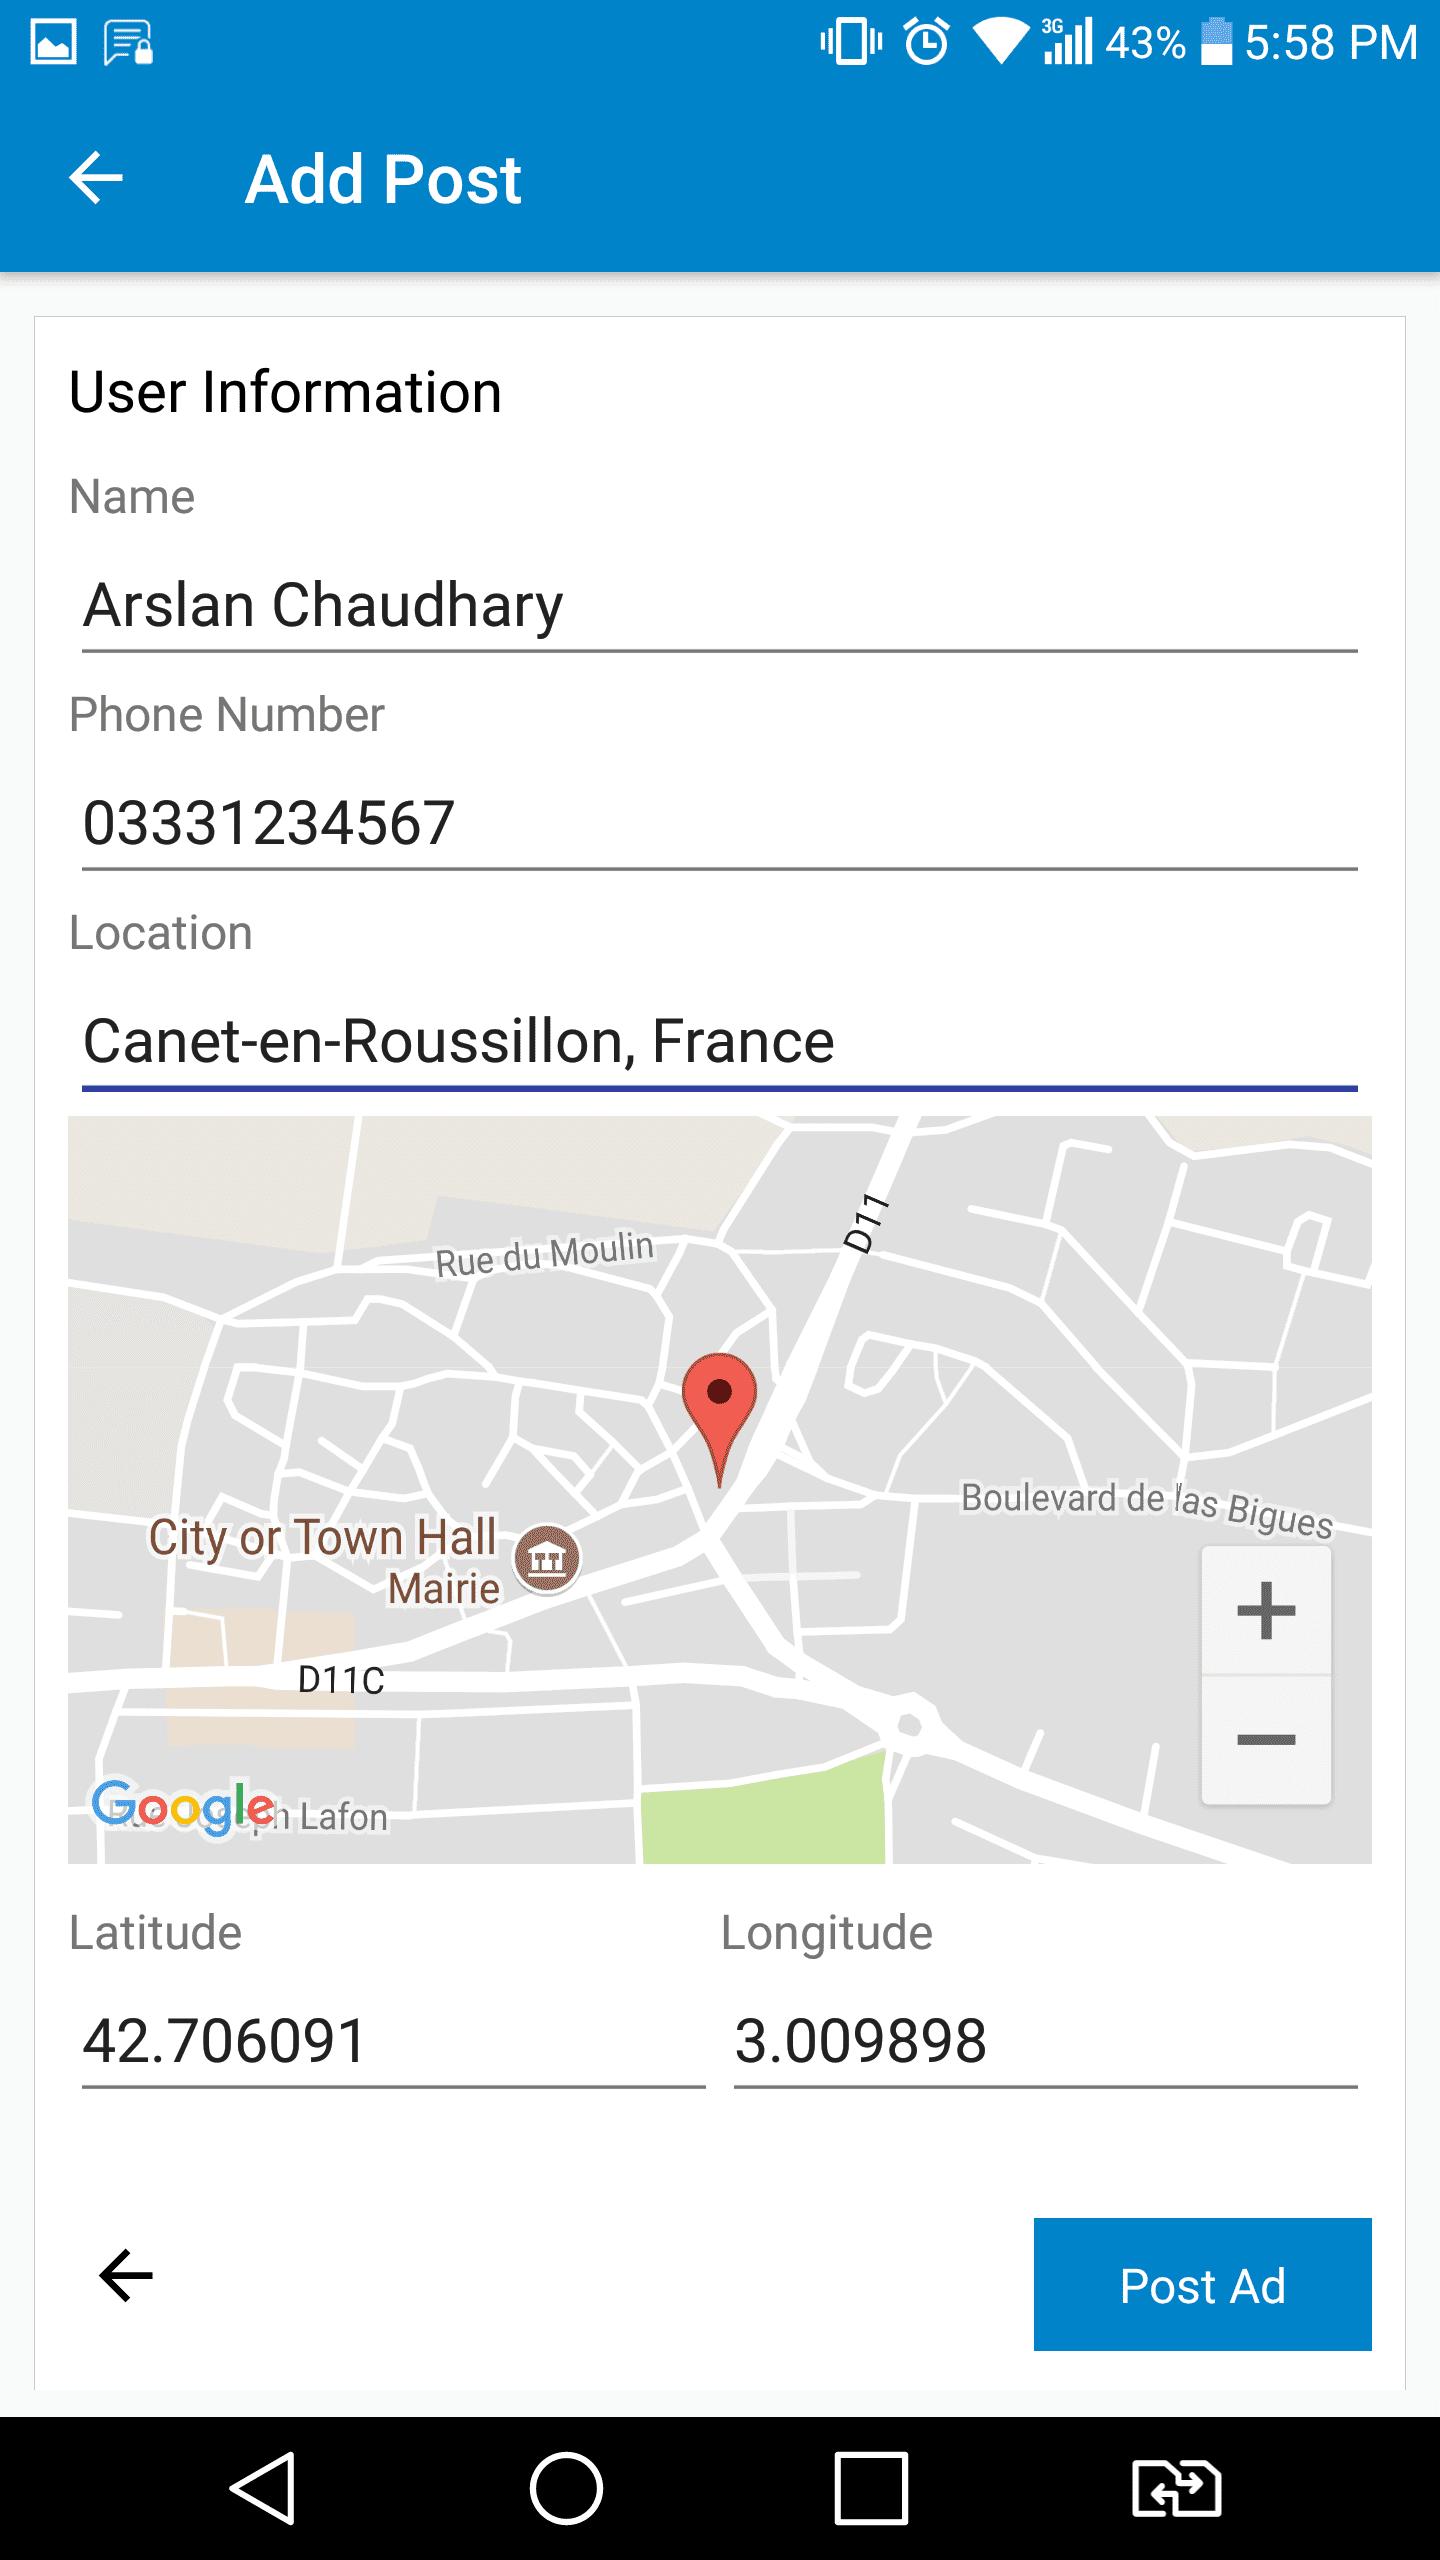 تصميم برنامج موقع سوق إلكتروني - تطبيق جوال إضافة عرض خريطة